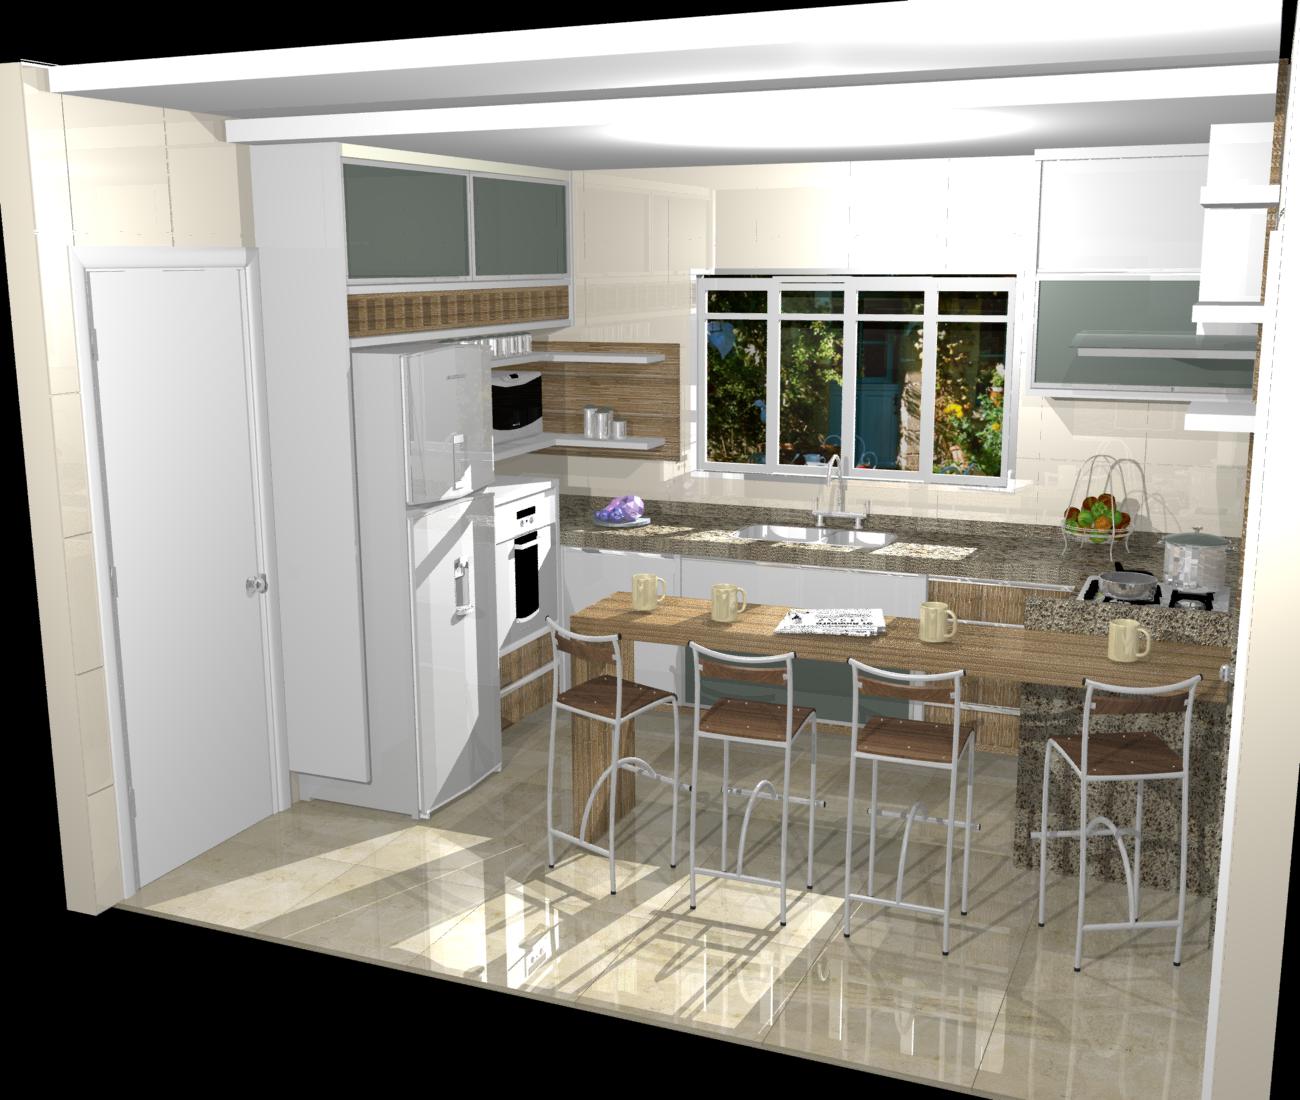 Imagens de #334E5F Projeto Cozinha Escola Dwg innovationetwork.com Idéias do projeto  1300x1100 px 3336 Blocos Autocad Banheiro Para Deficientes